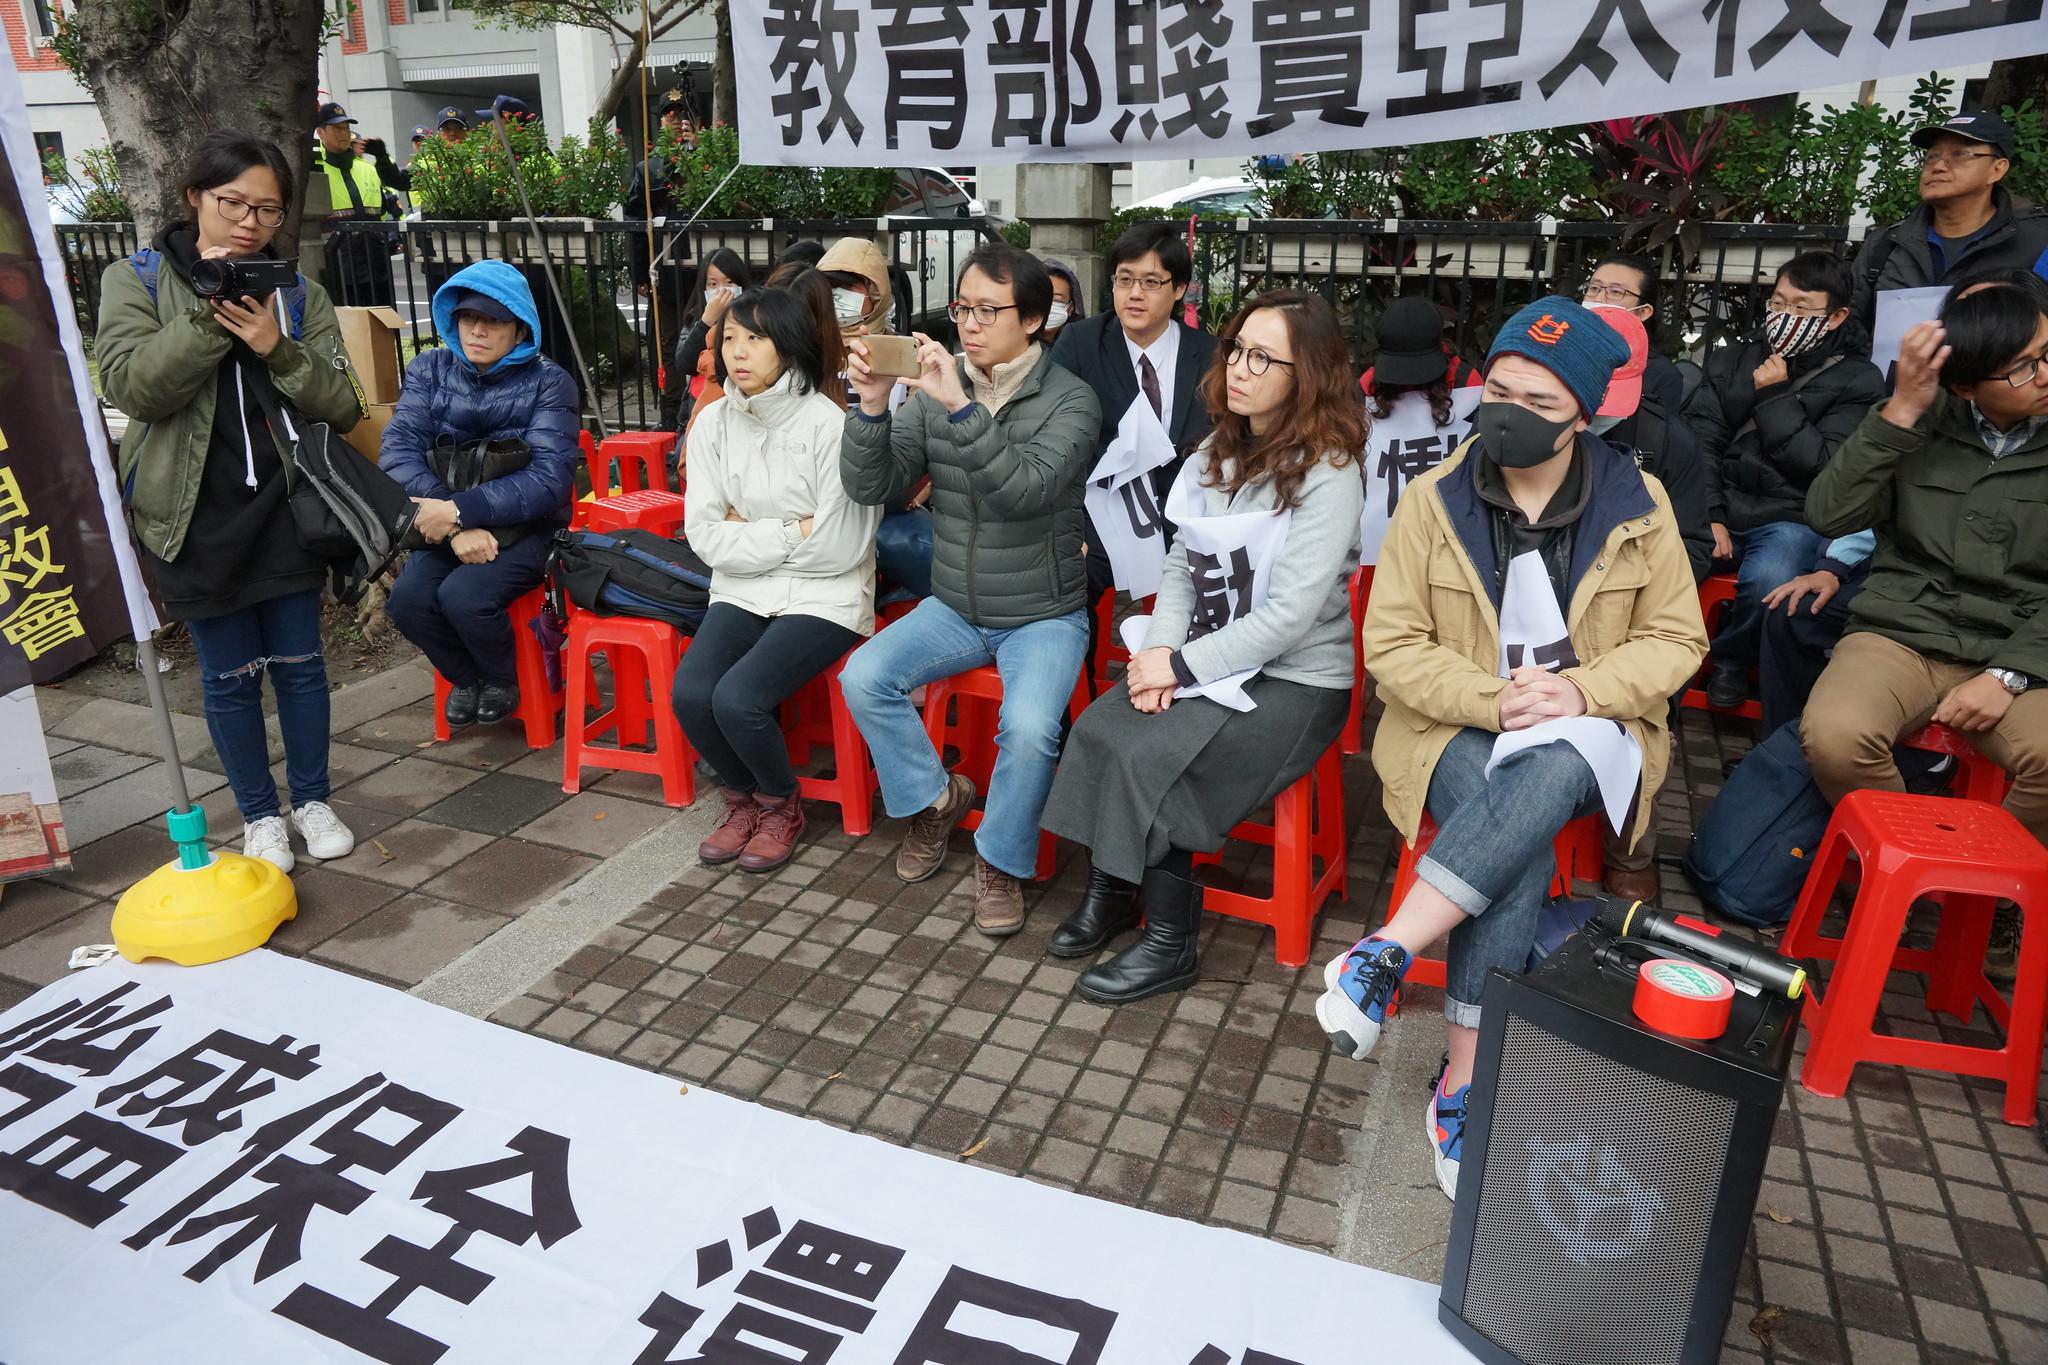 工會在教育部外靜坐,直到教育部給出具體對話時程。(攝影:王顥中)